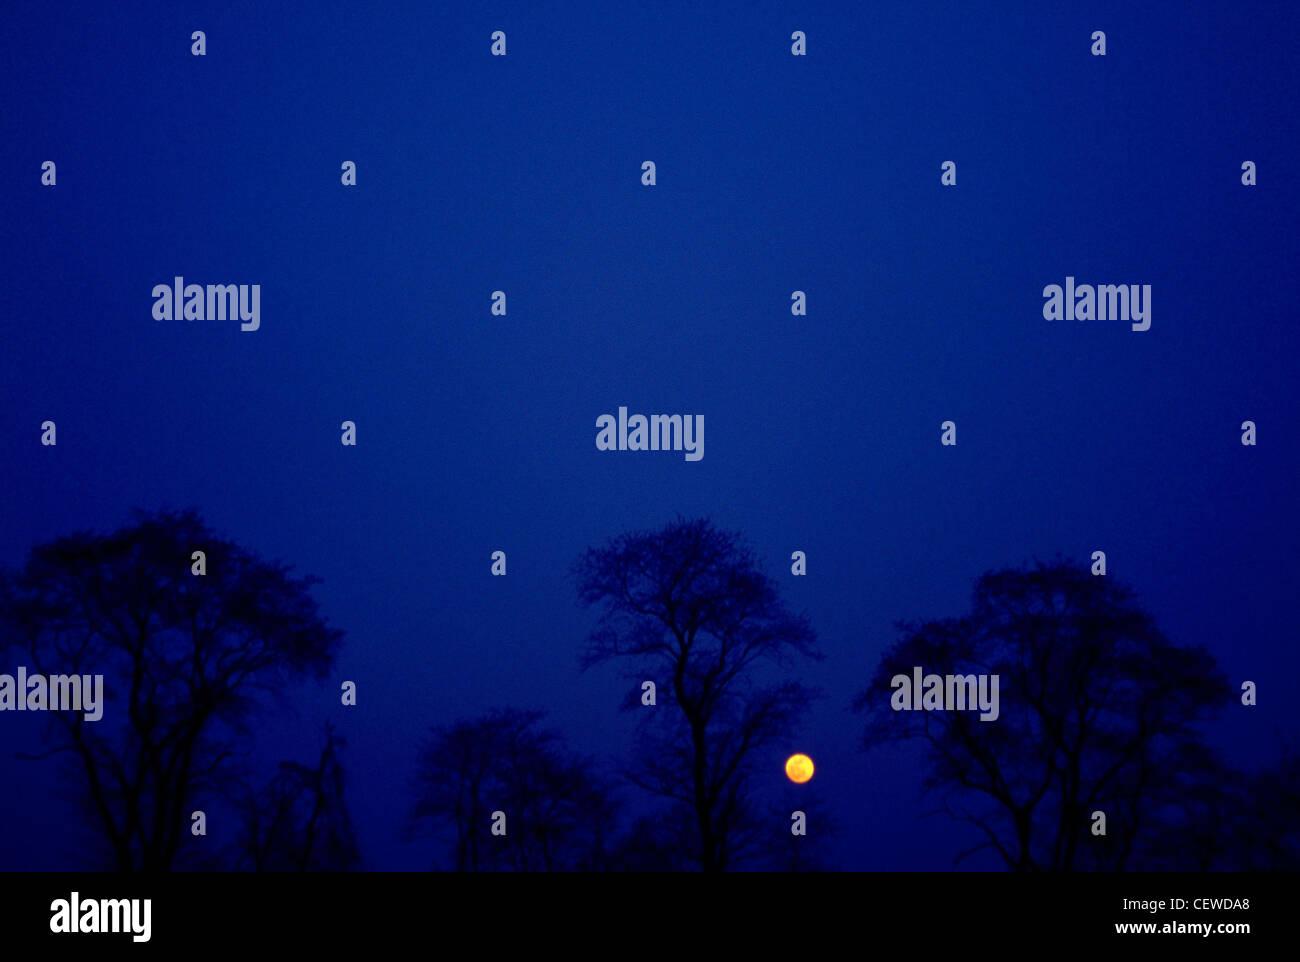 Die Erde-Mond auf einem Baum gesäumt Horizont in der Nacht. Blau-Umgebung Stockfoto